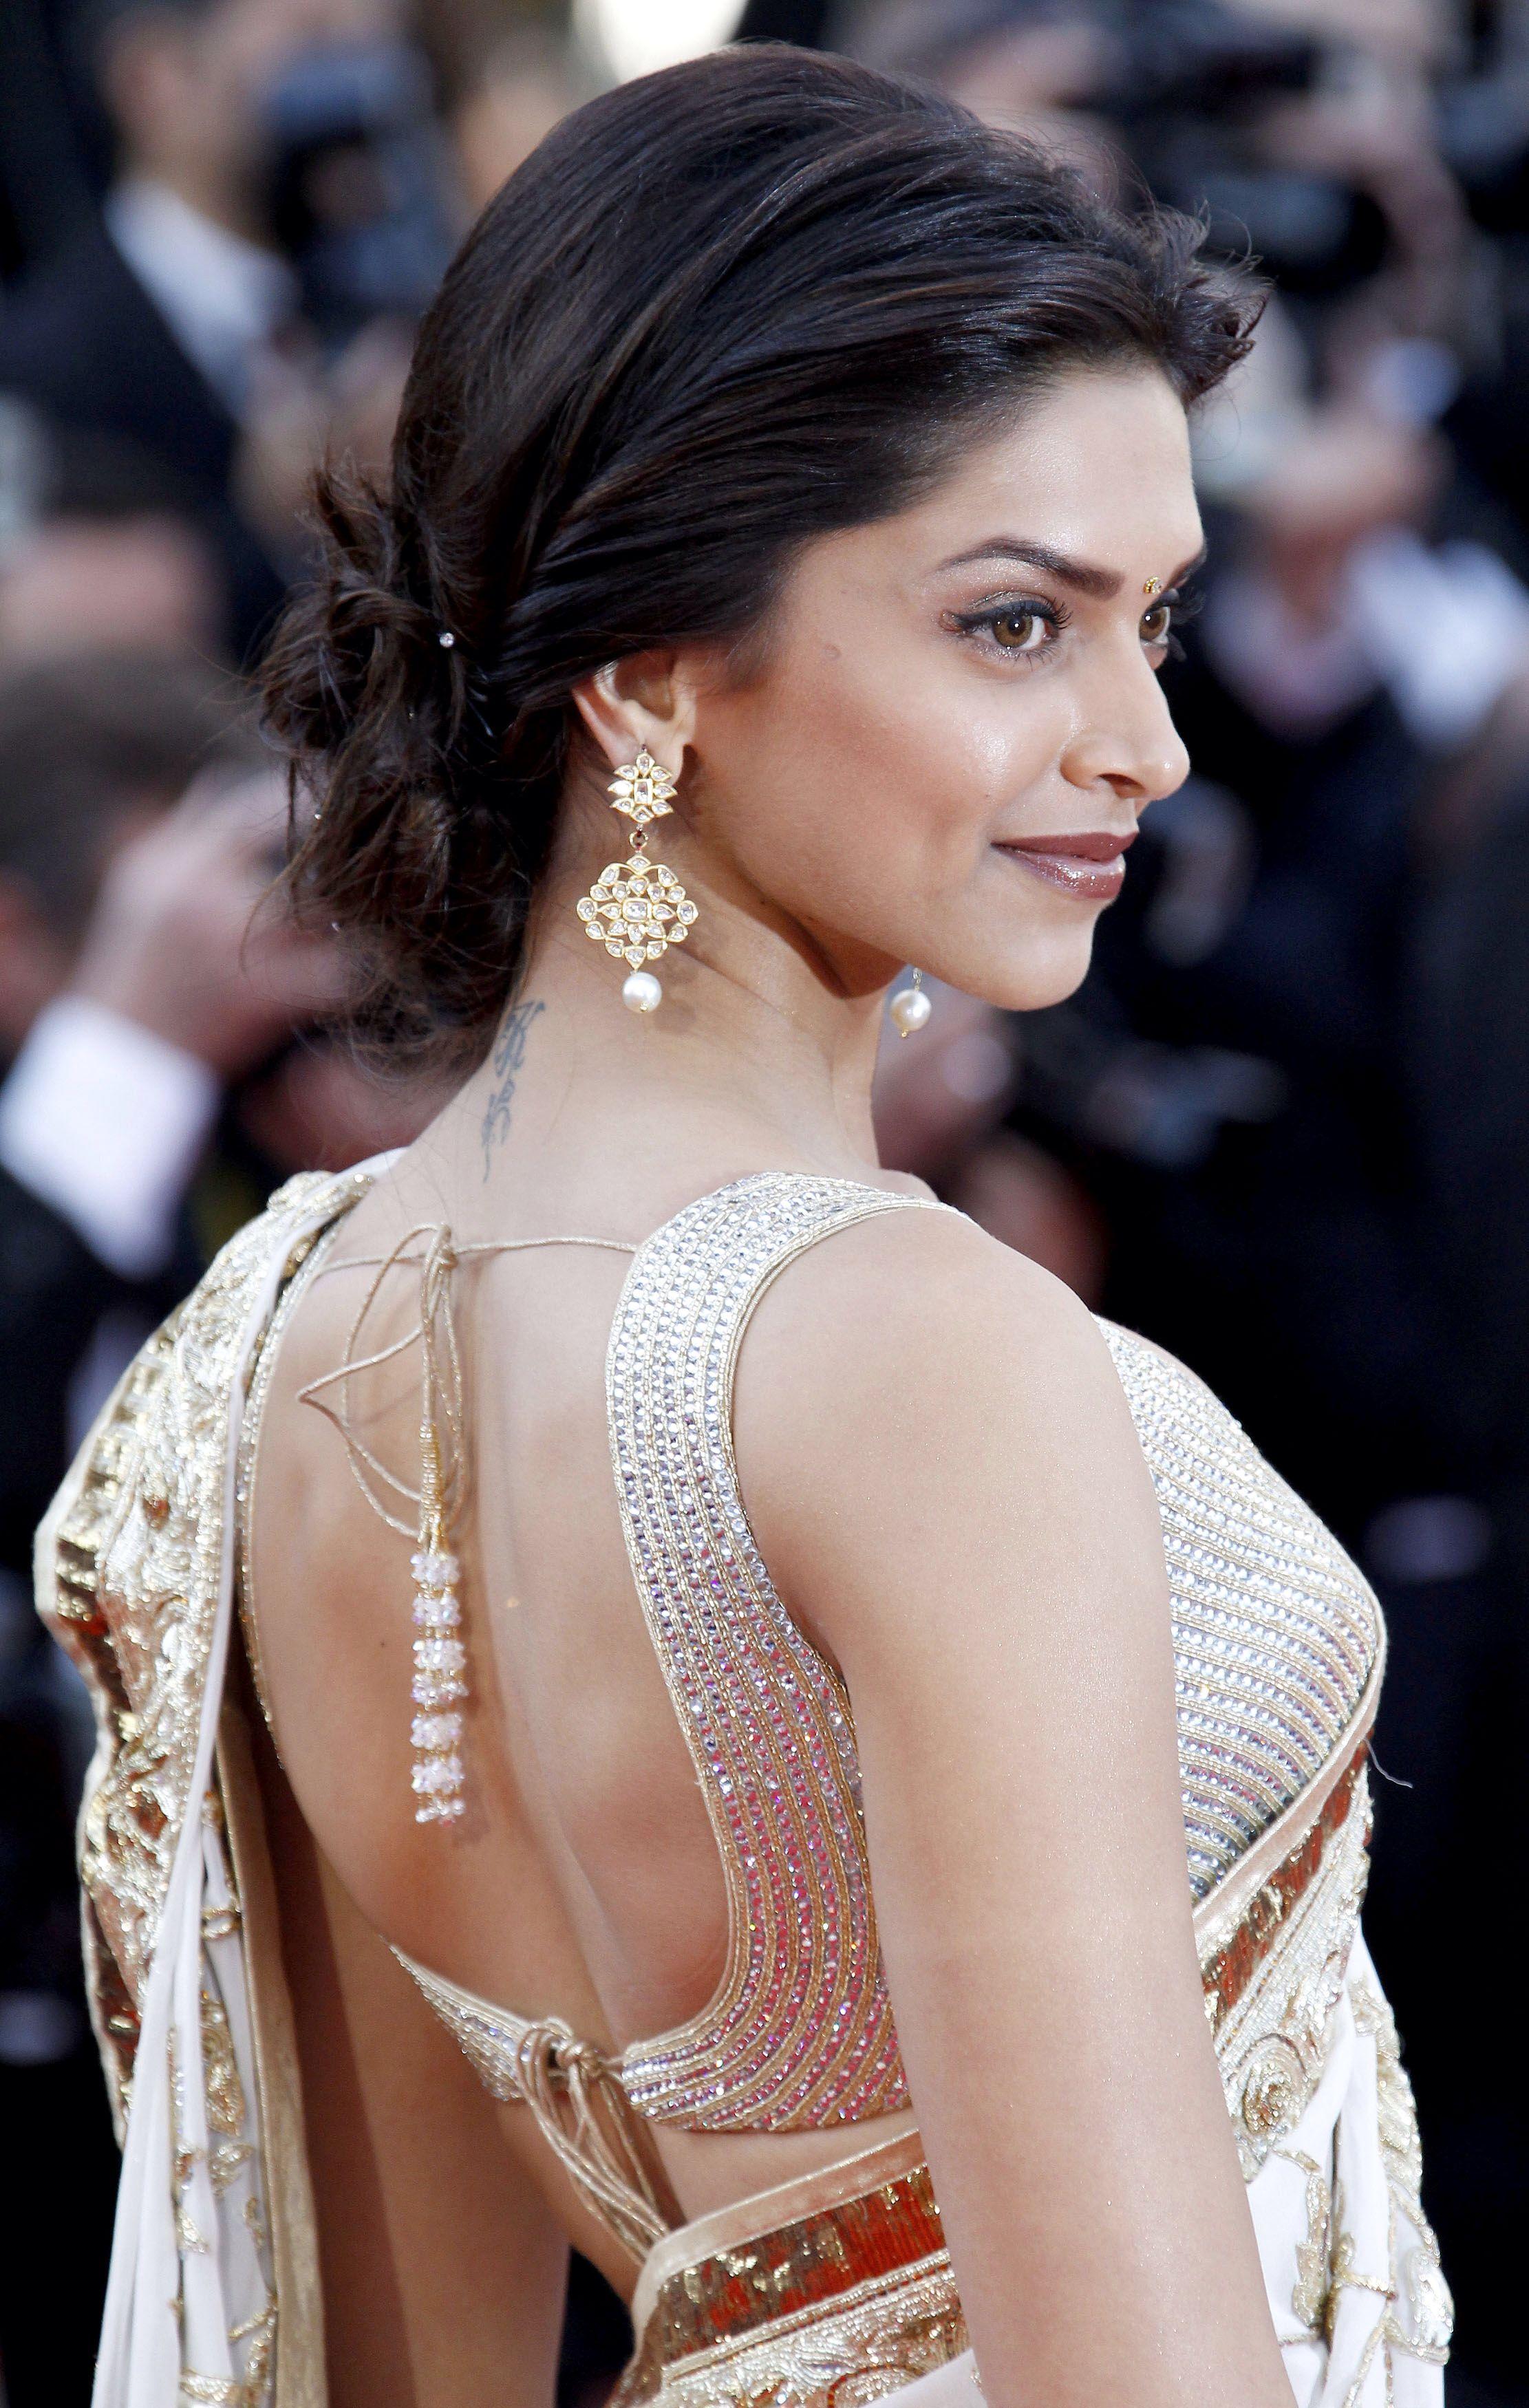 deepika padukone in golden earring n jewelry deepika padukone in golden earring